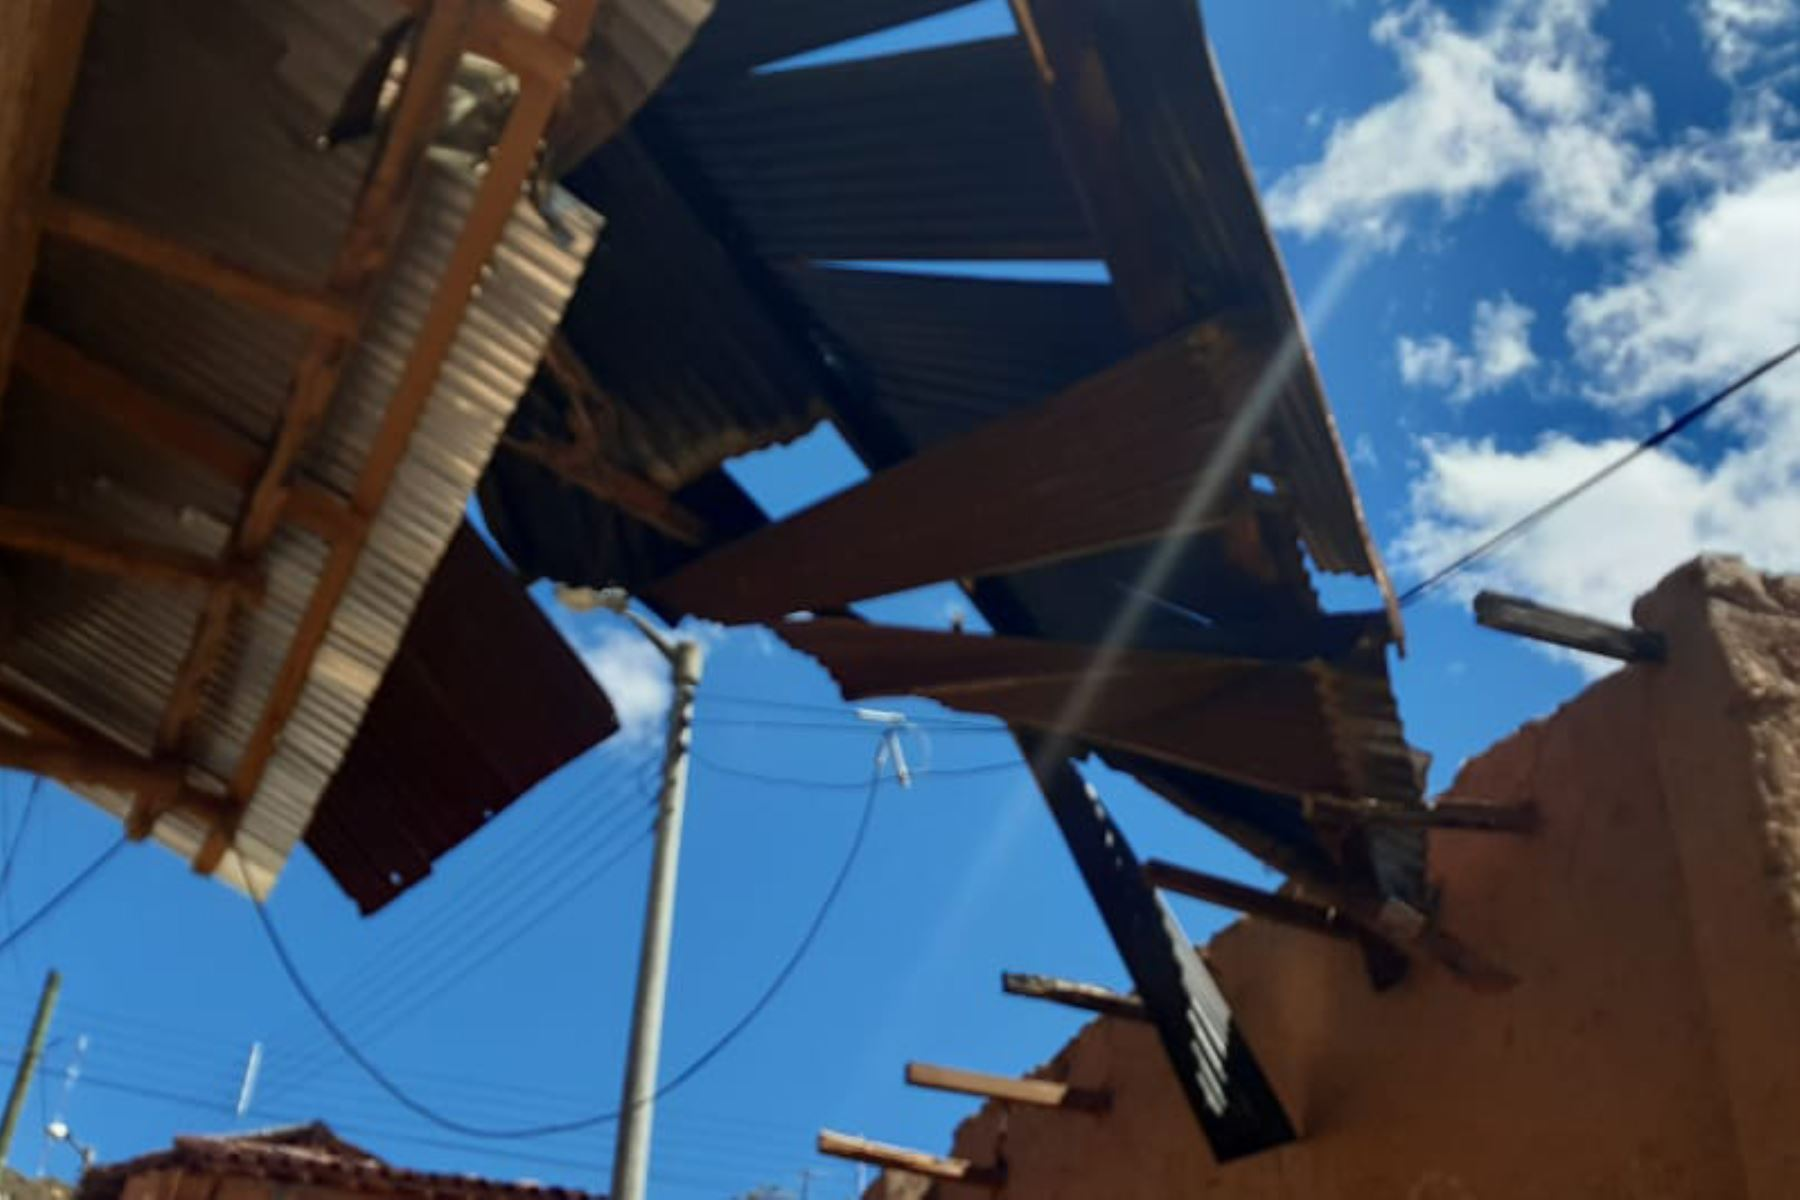 Los vientos más intensos alcanzarán valores próximos a 35 km/h con ráfagas superiores a 50 km/h. Foto: ANDINA/Difusión